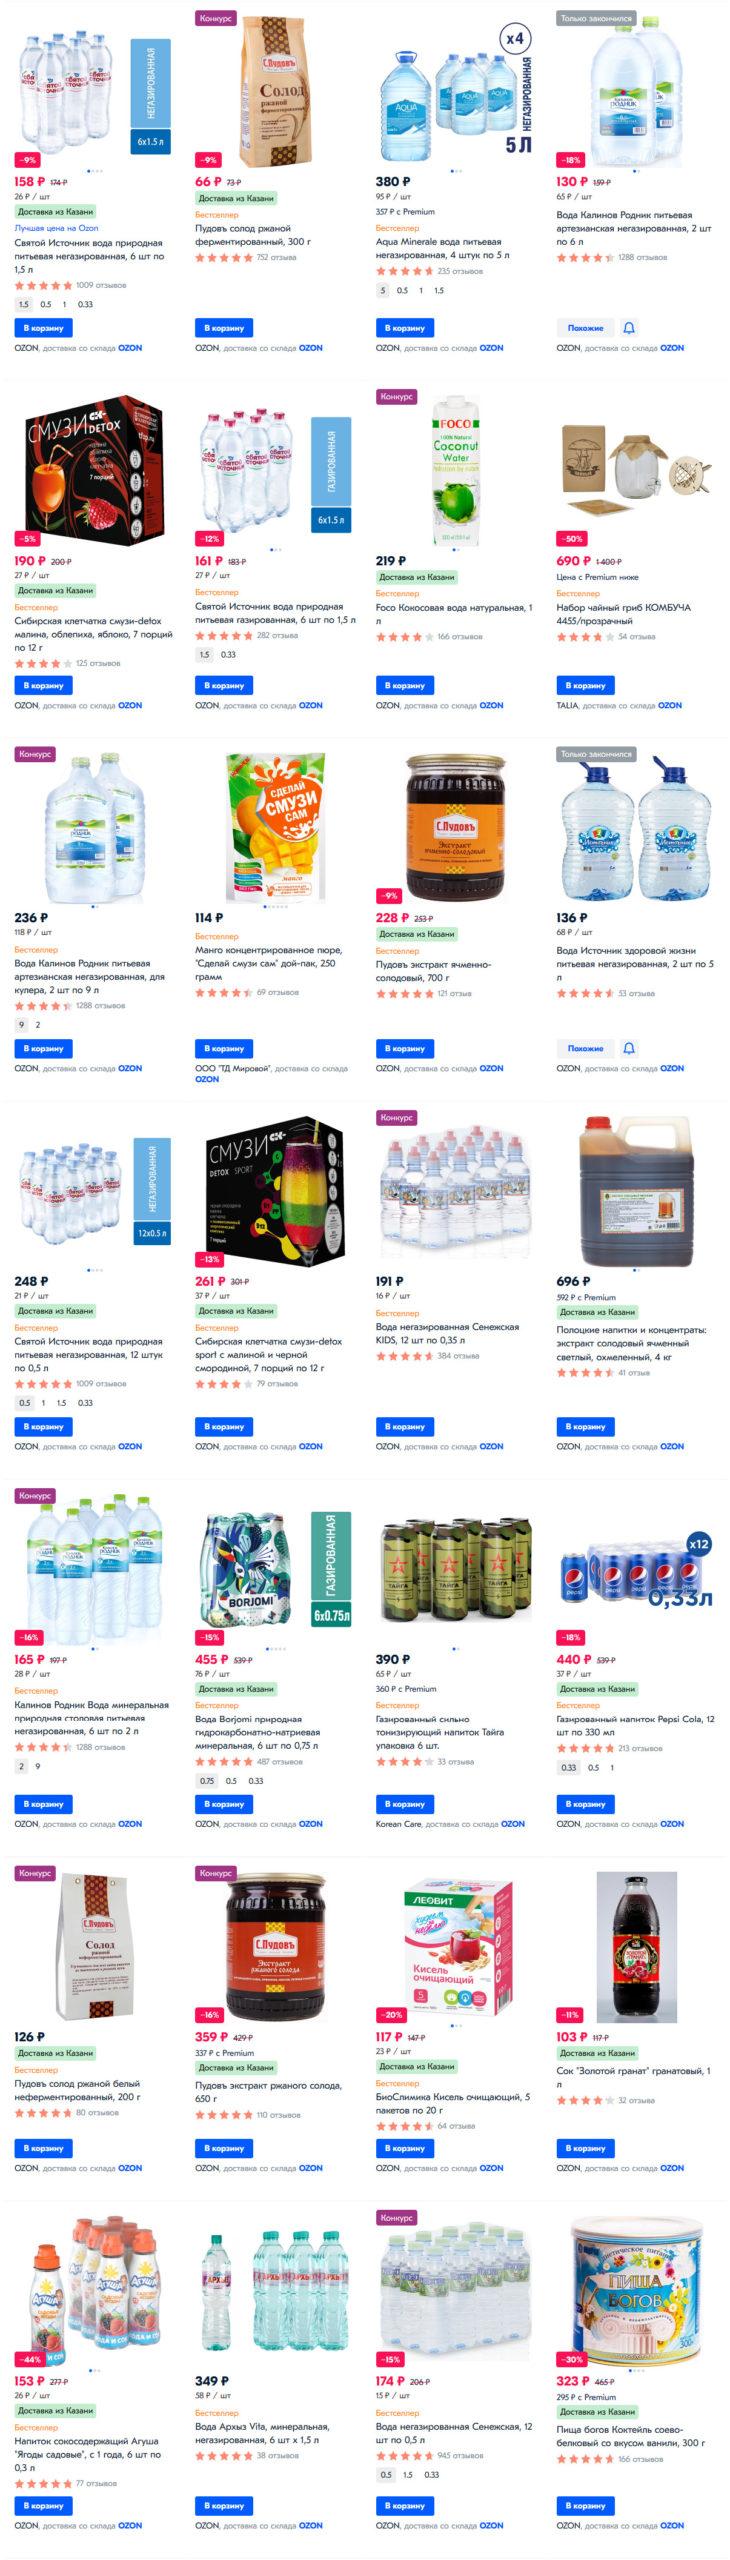 Соки, воды, напитки в Озон